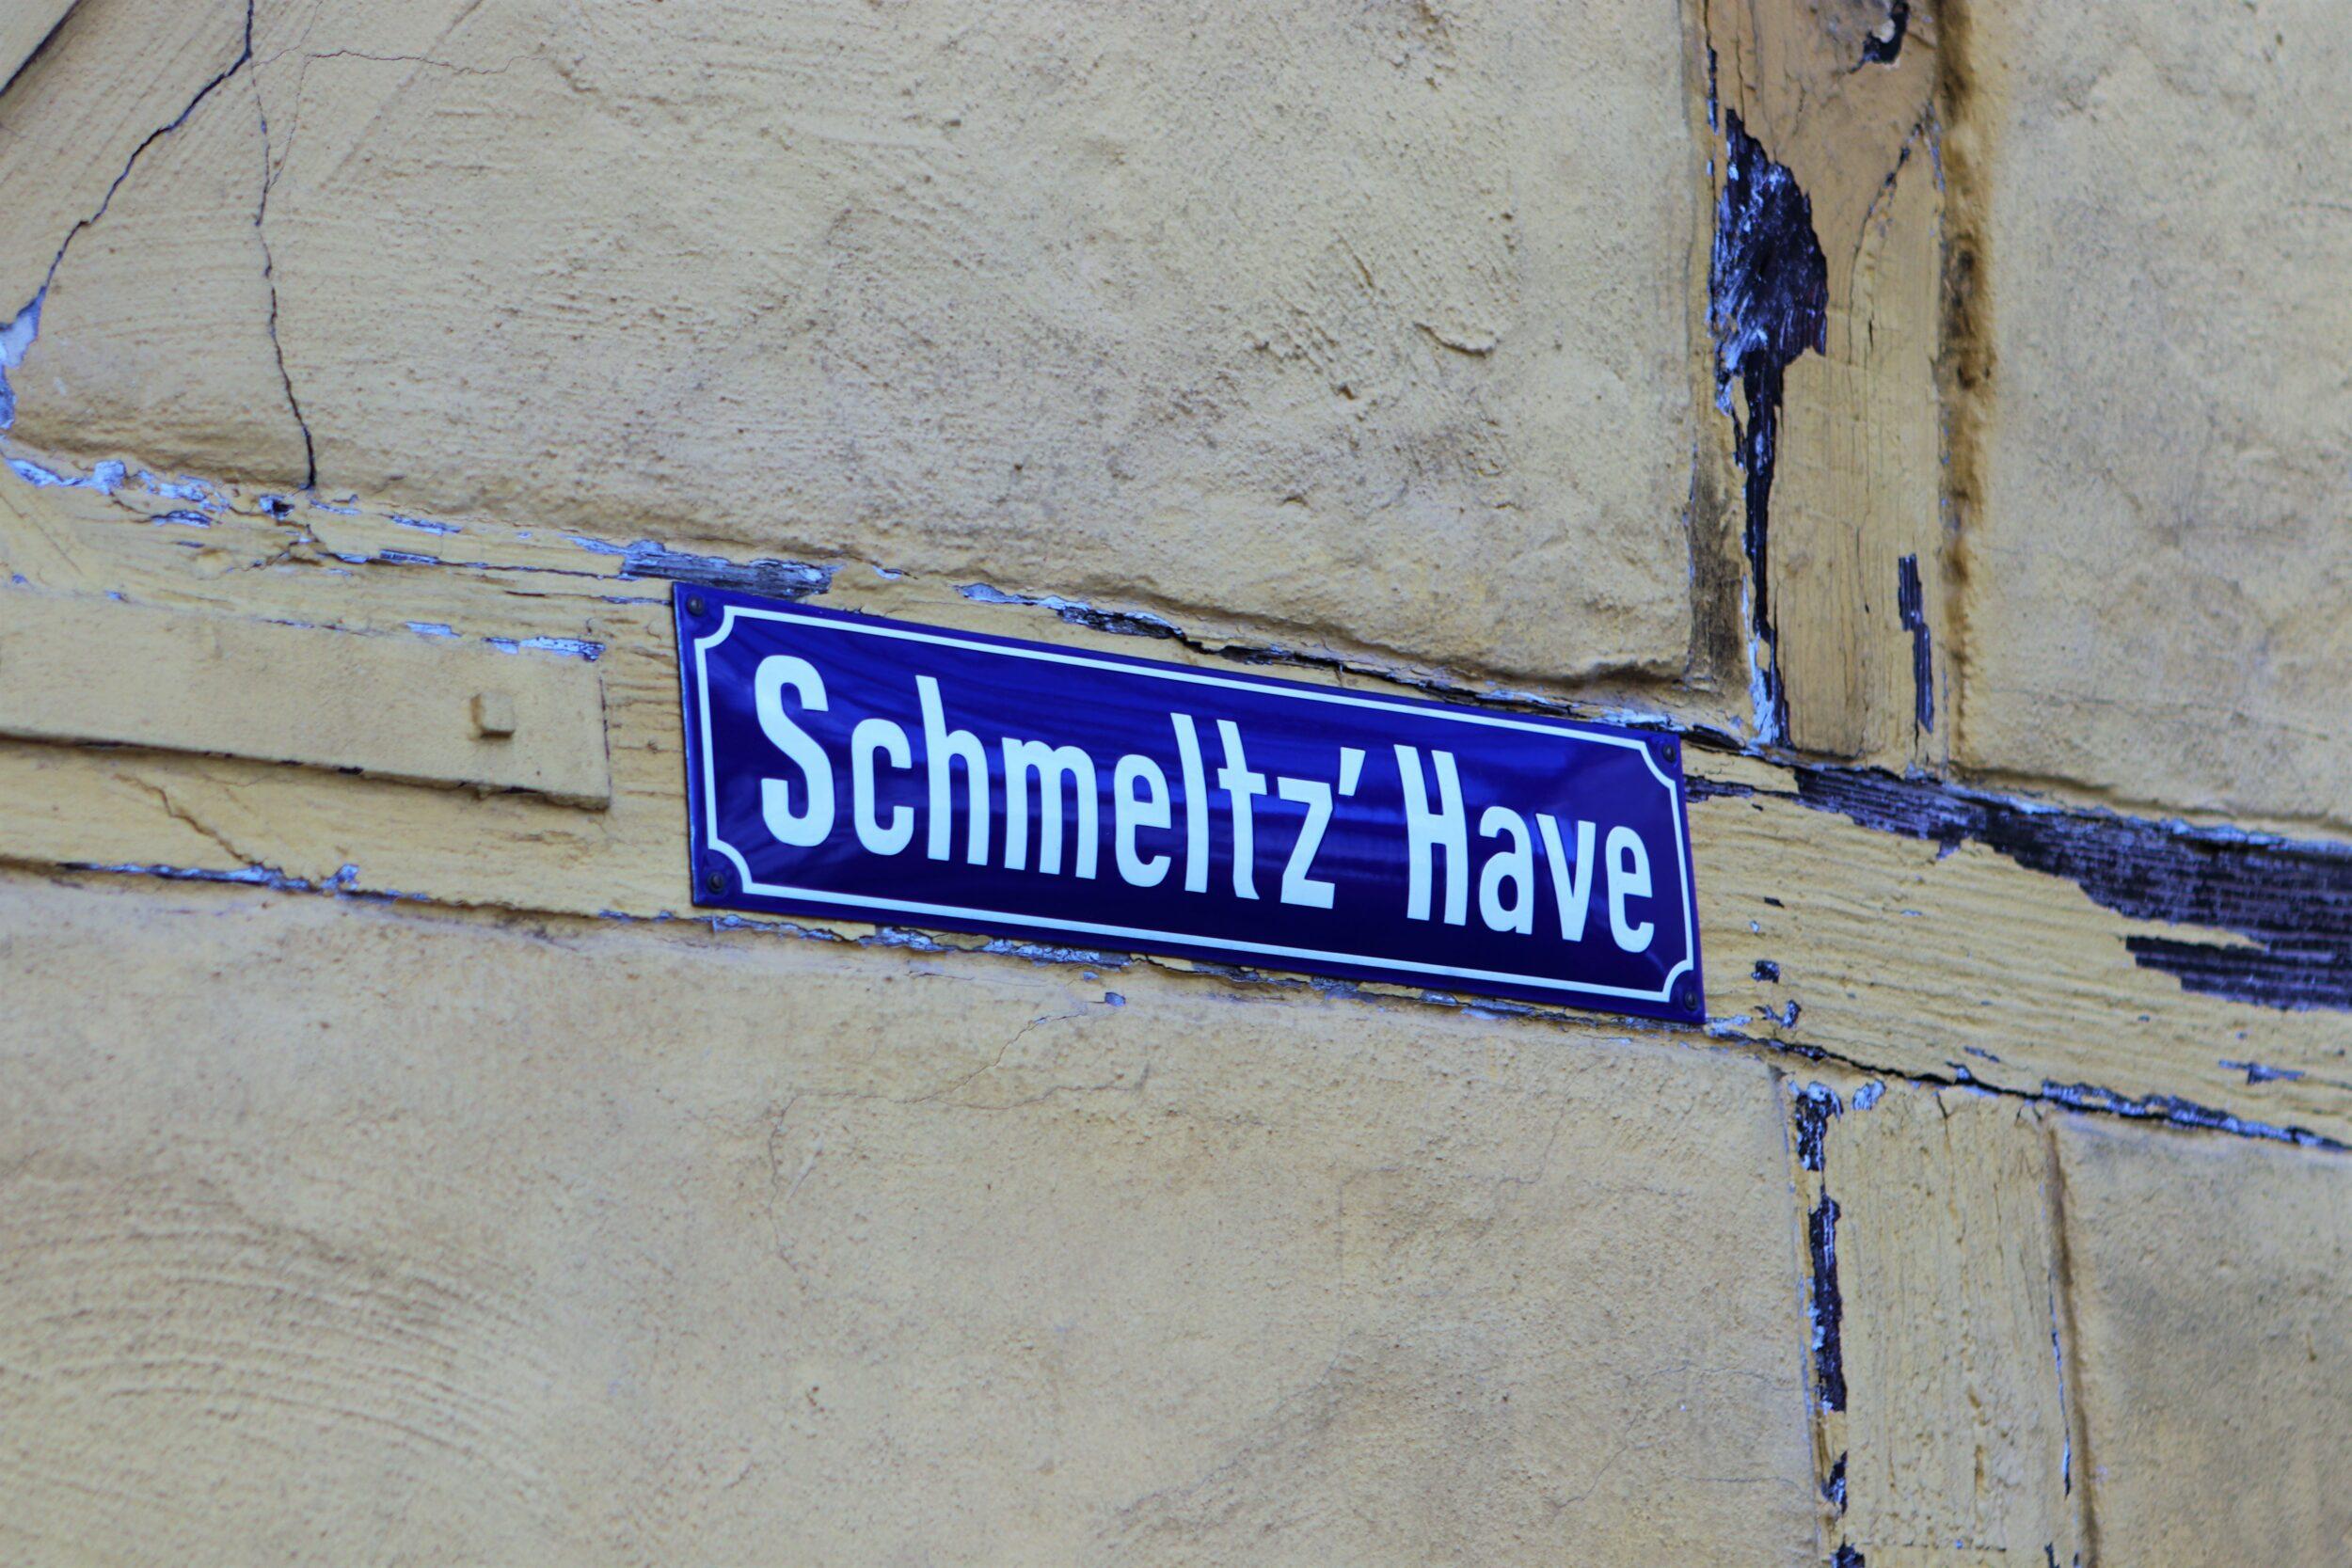 Schmeltz' Have - en lille oase i travlheden